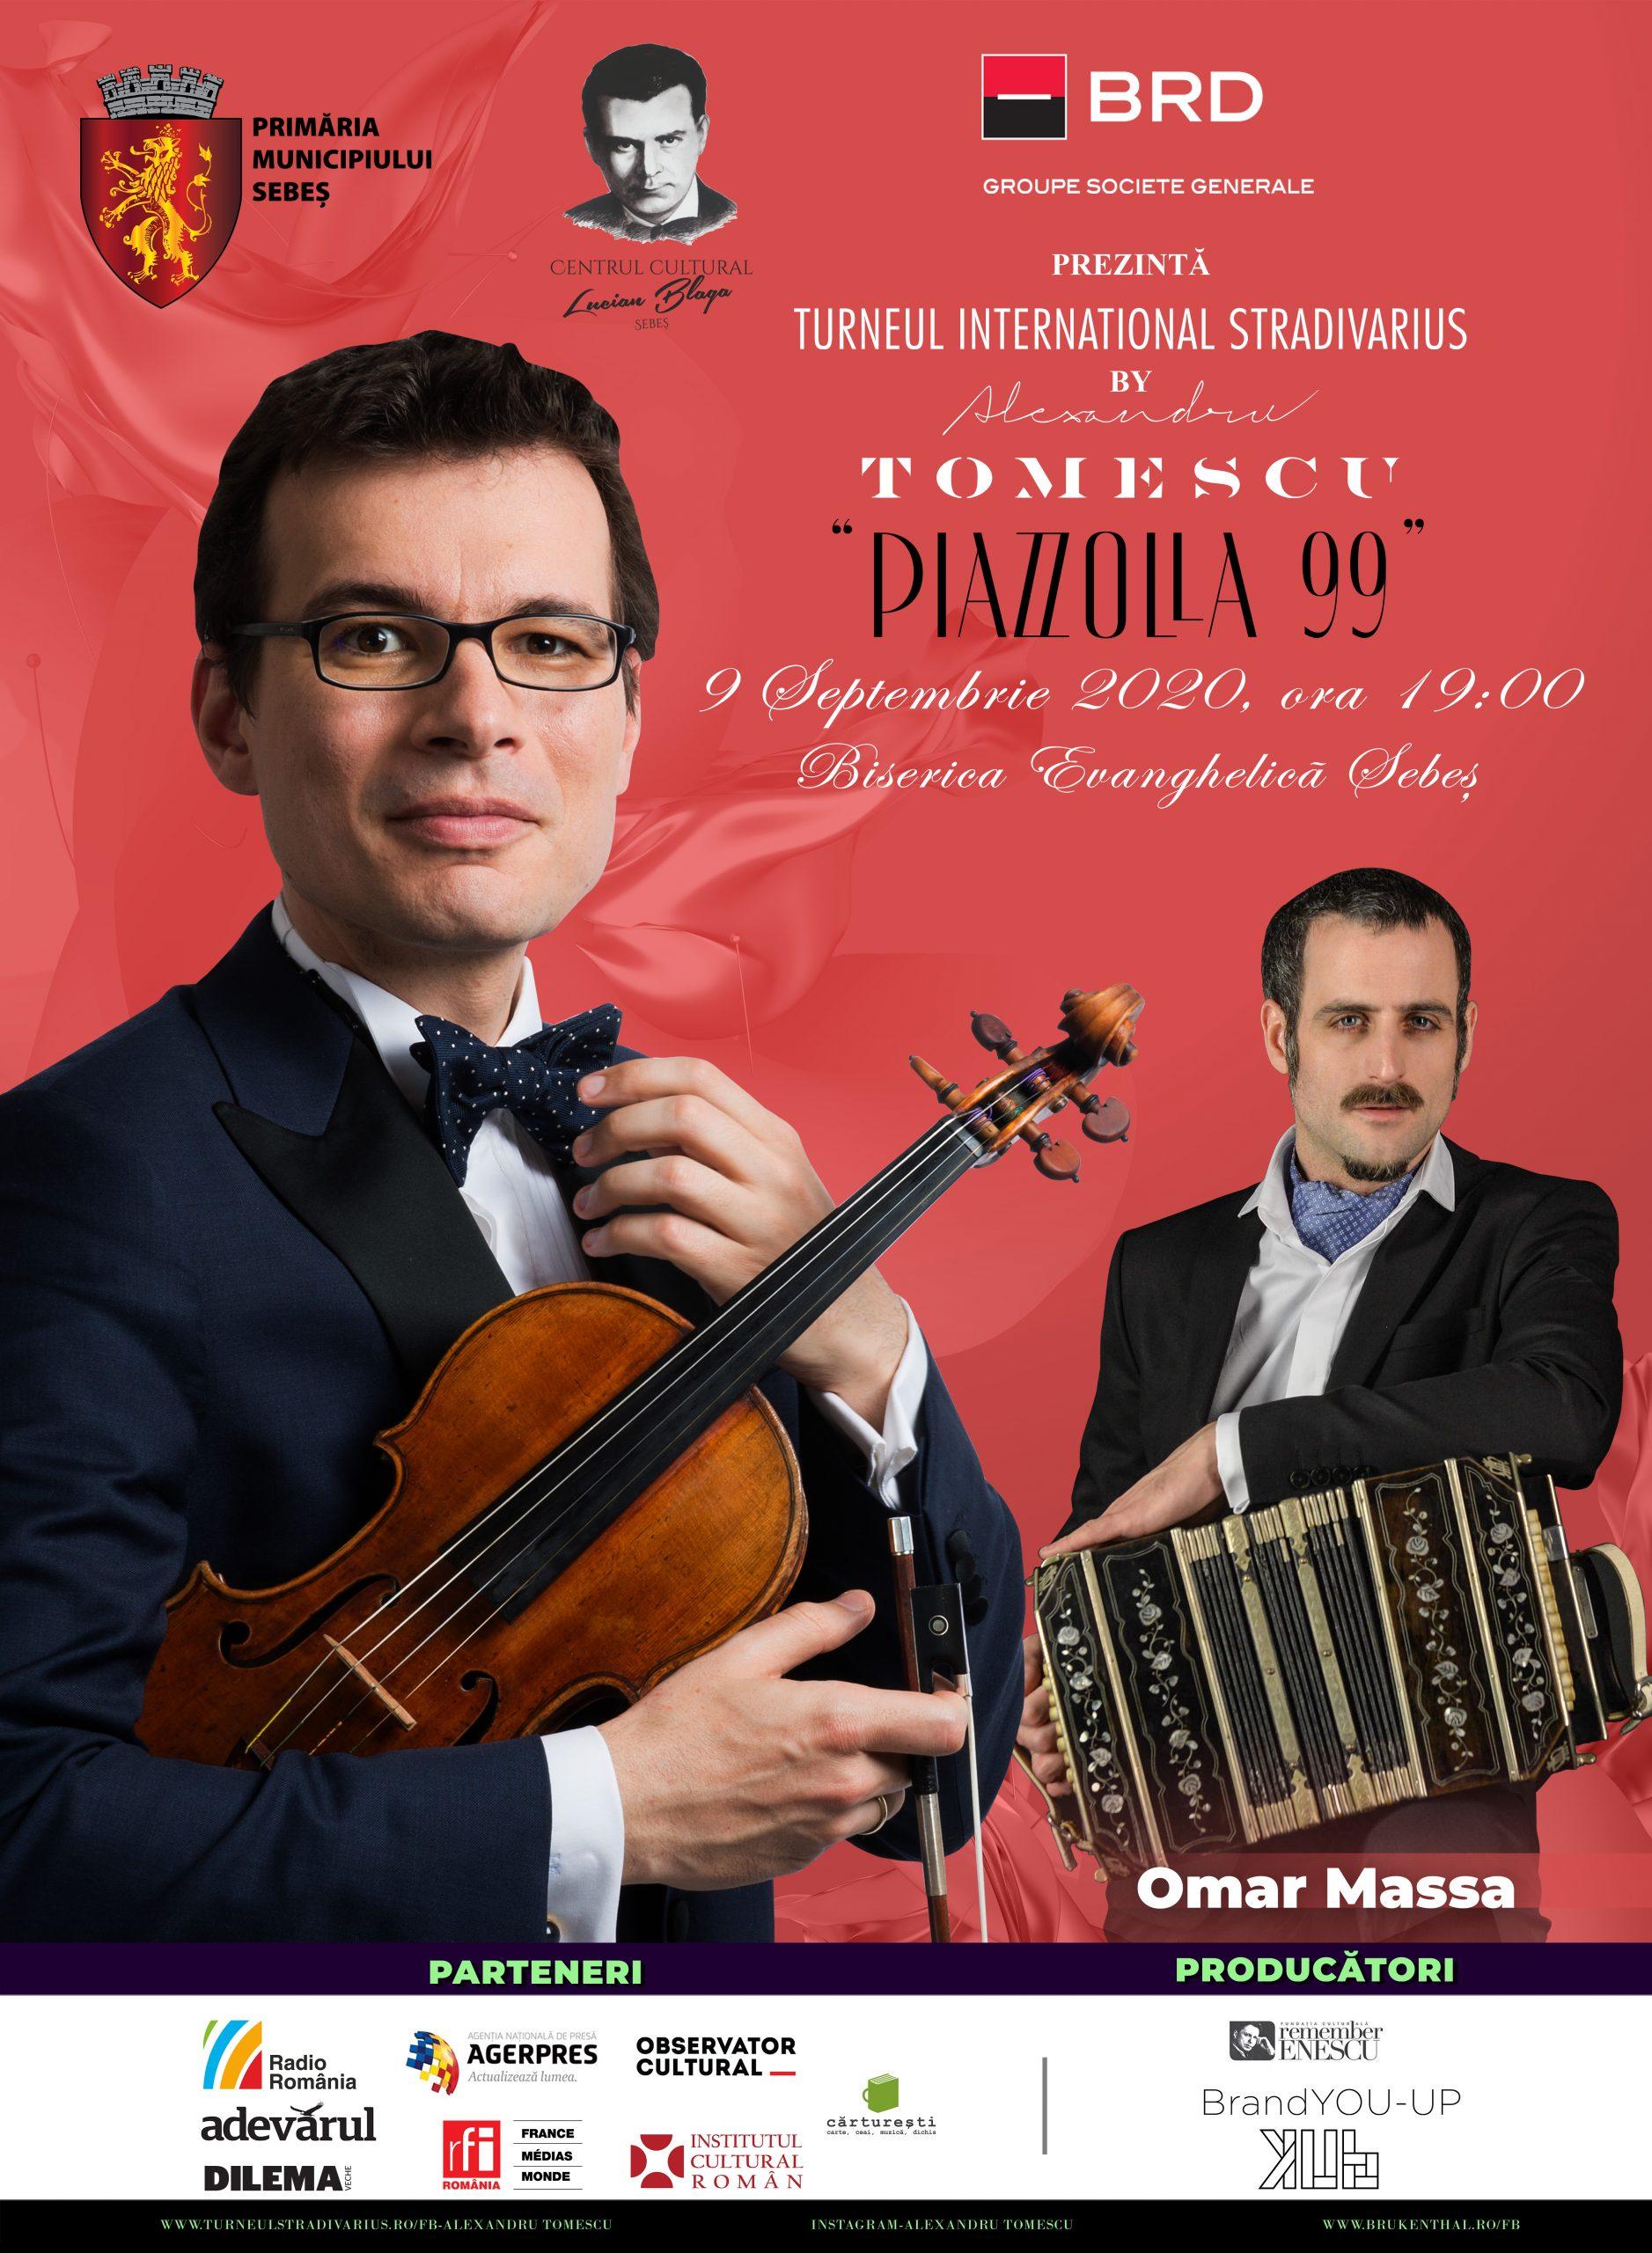 """Turneul internațional Stradivarius, numit """"Piazzolla 99"""", continuă și în acest an cu 12 concerte în România. Unul dintre ele va avea loc la Sebeș."""